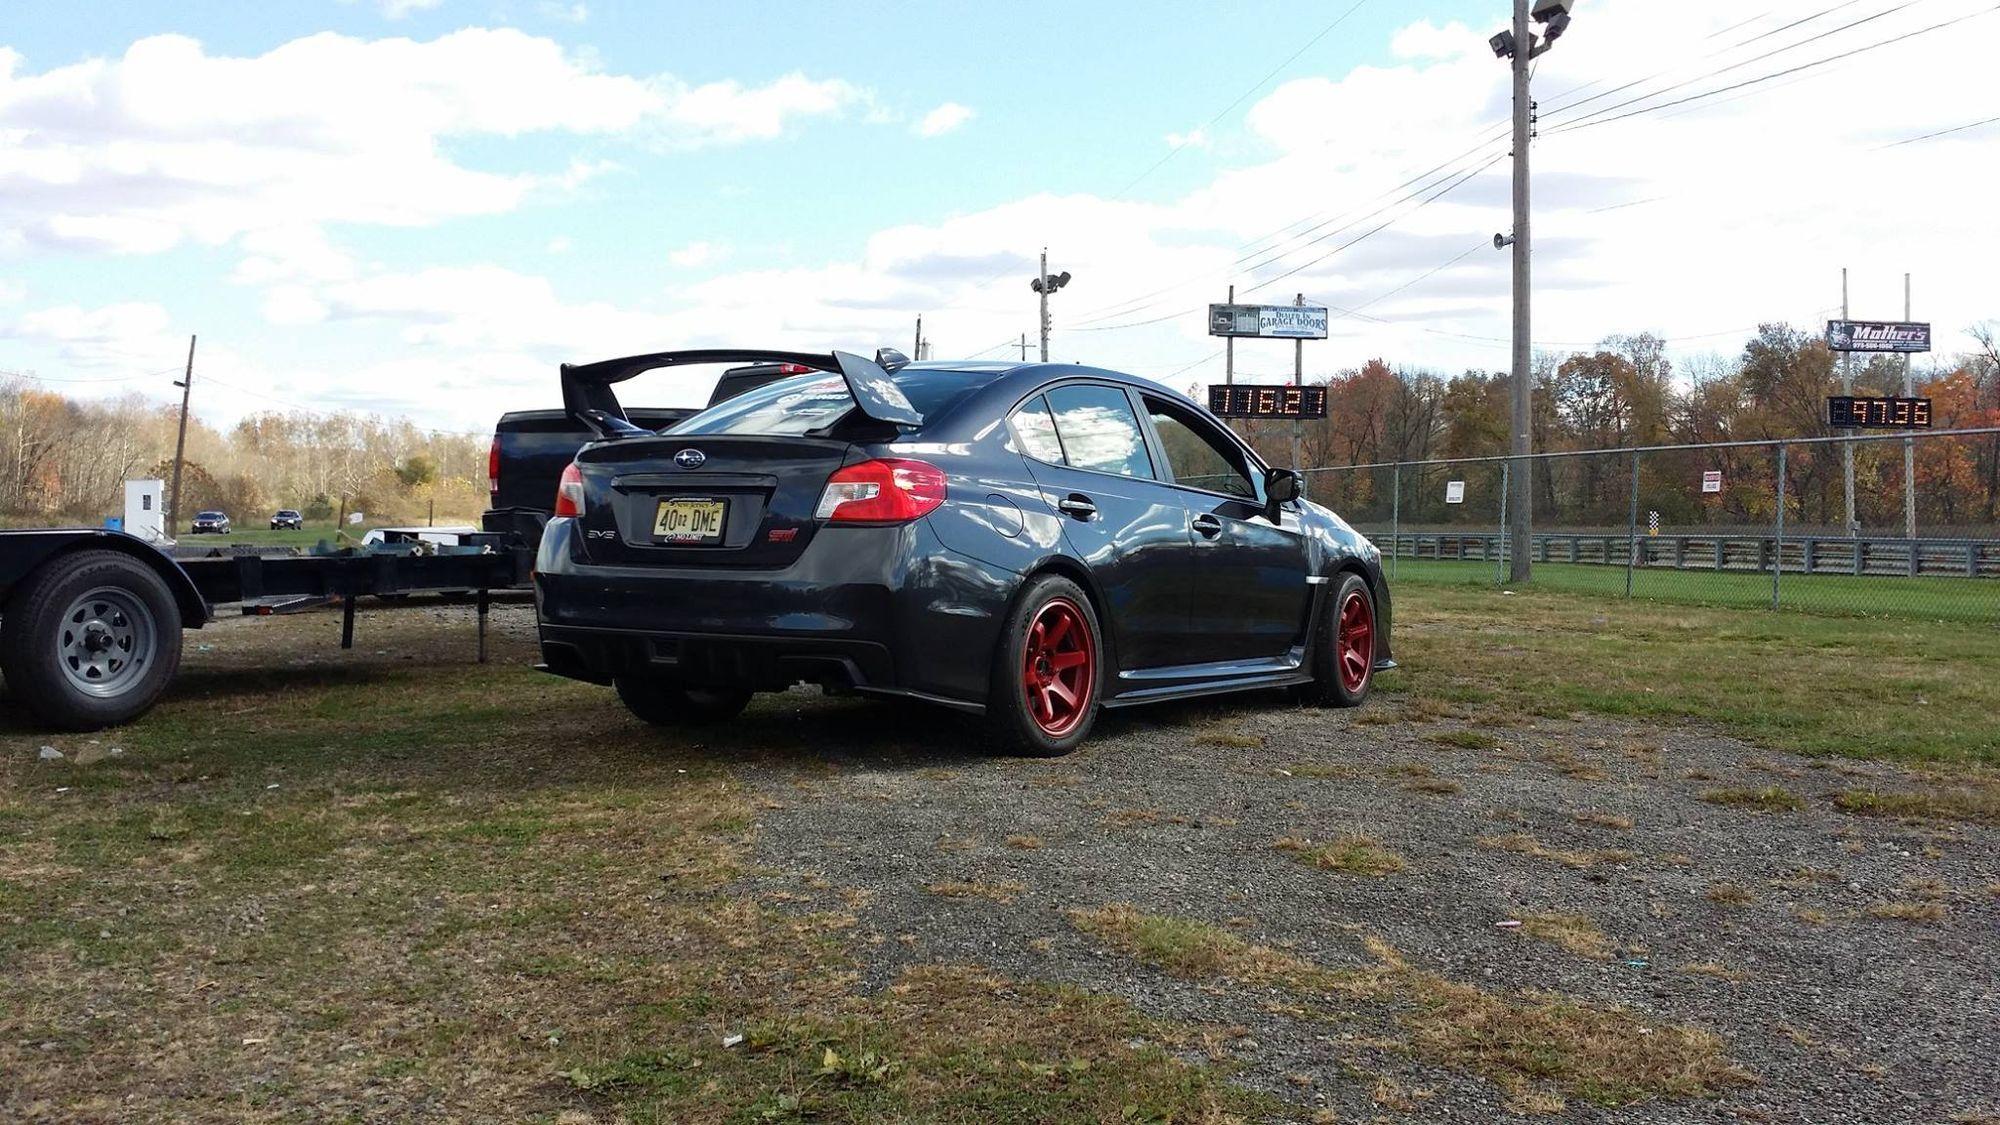 Subaru STI | Suby STI